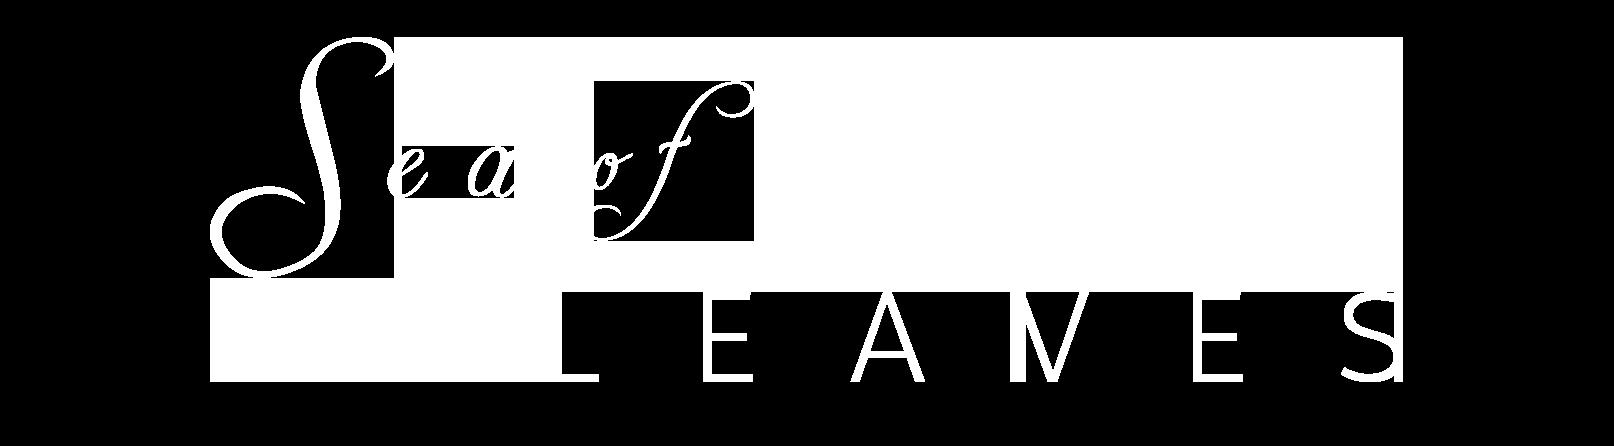 New_logo_transparent_website